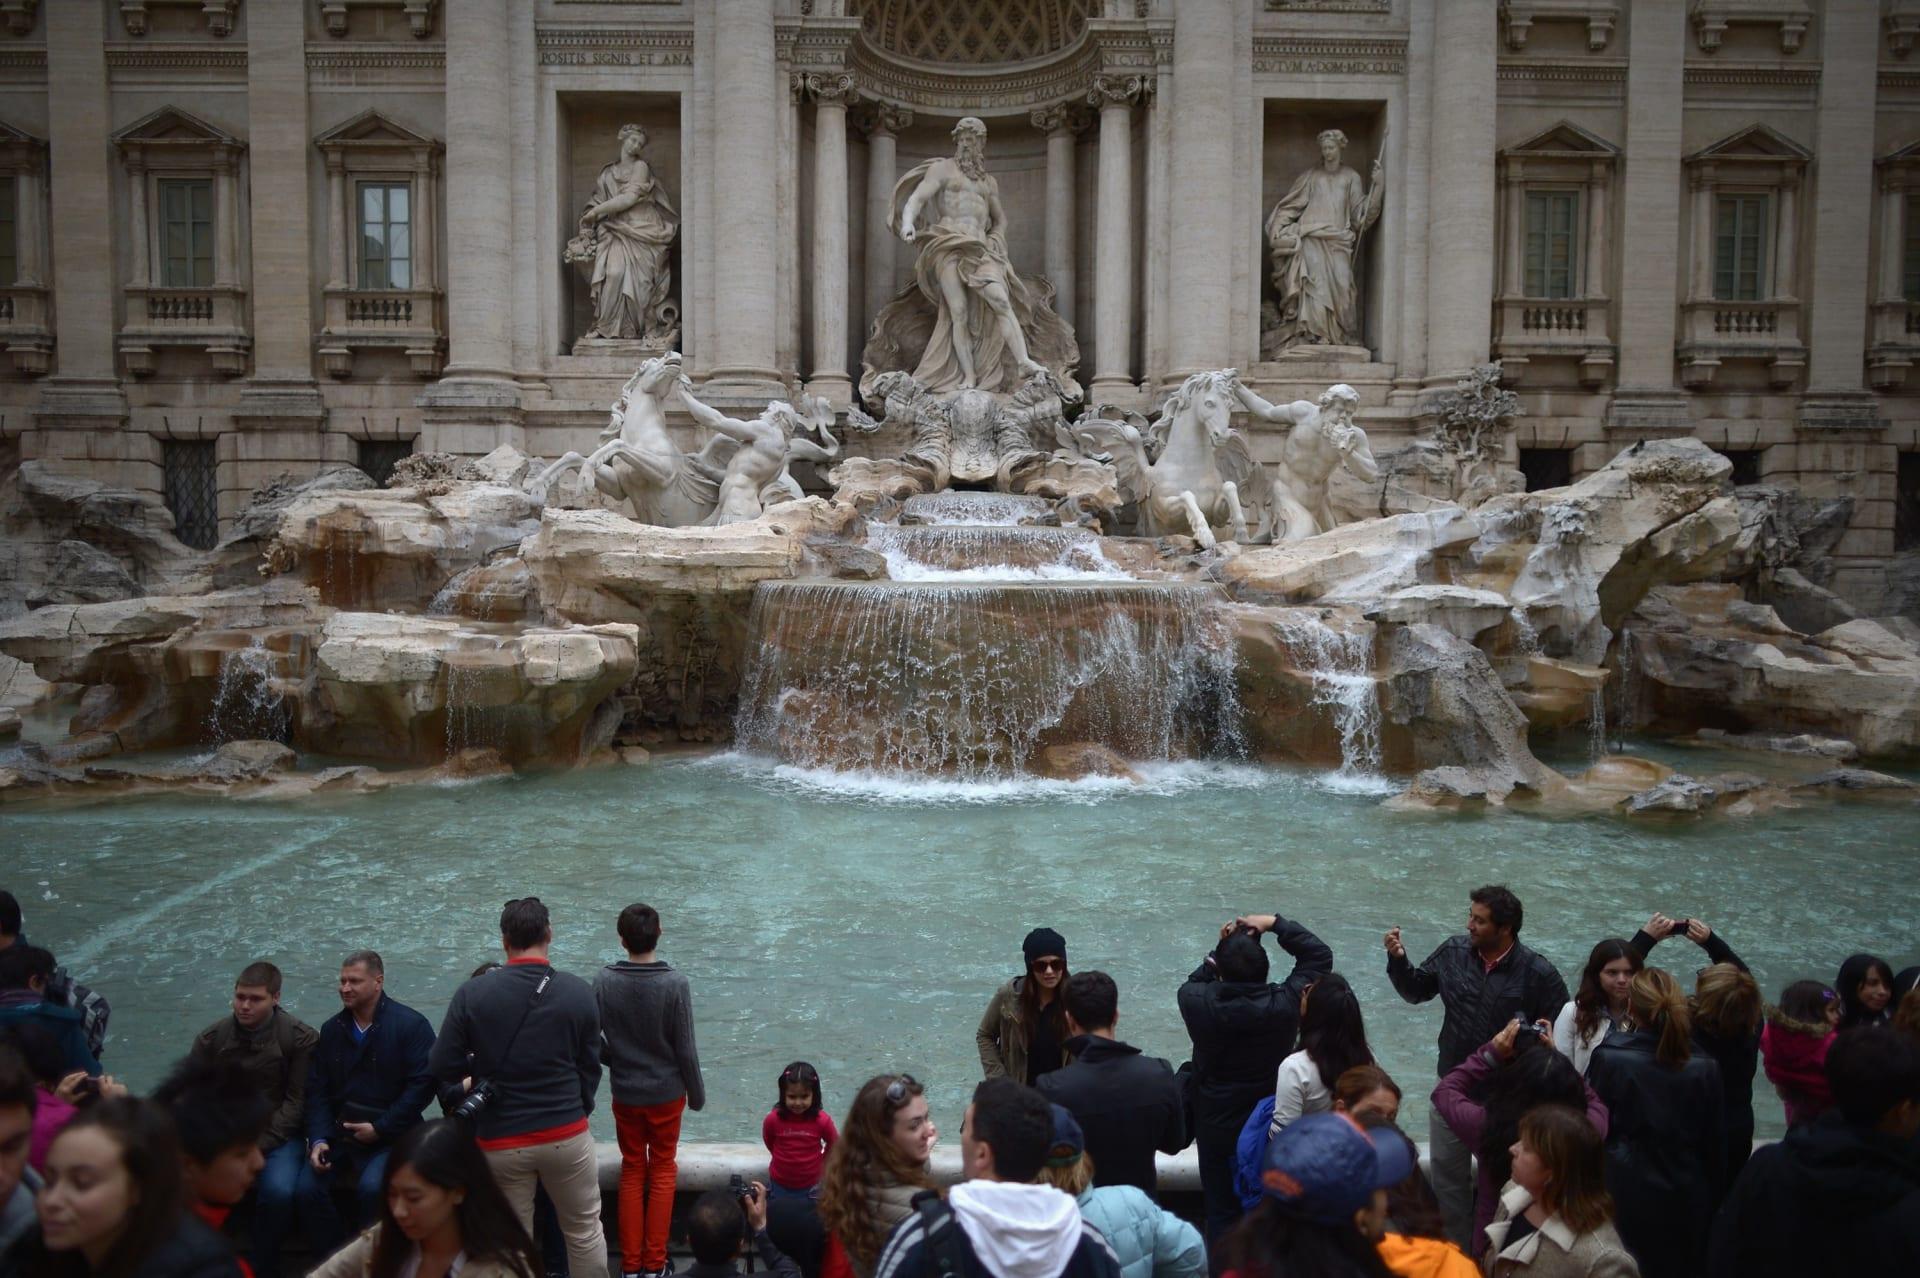 أجمل الأماكن التي يمكنك زيارتها في روما  - نافورة تريفي